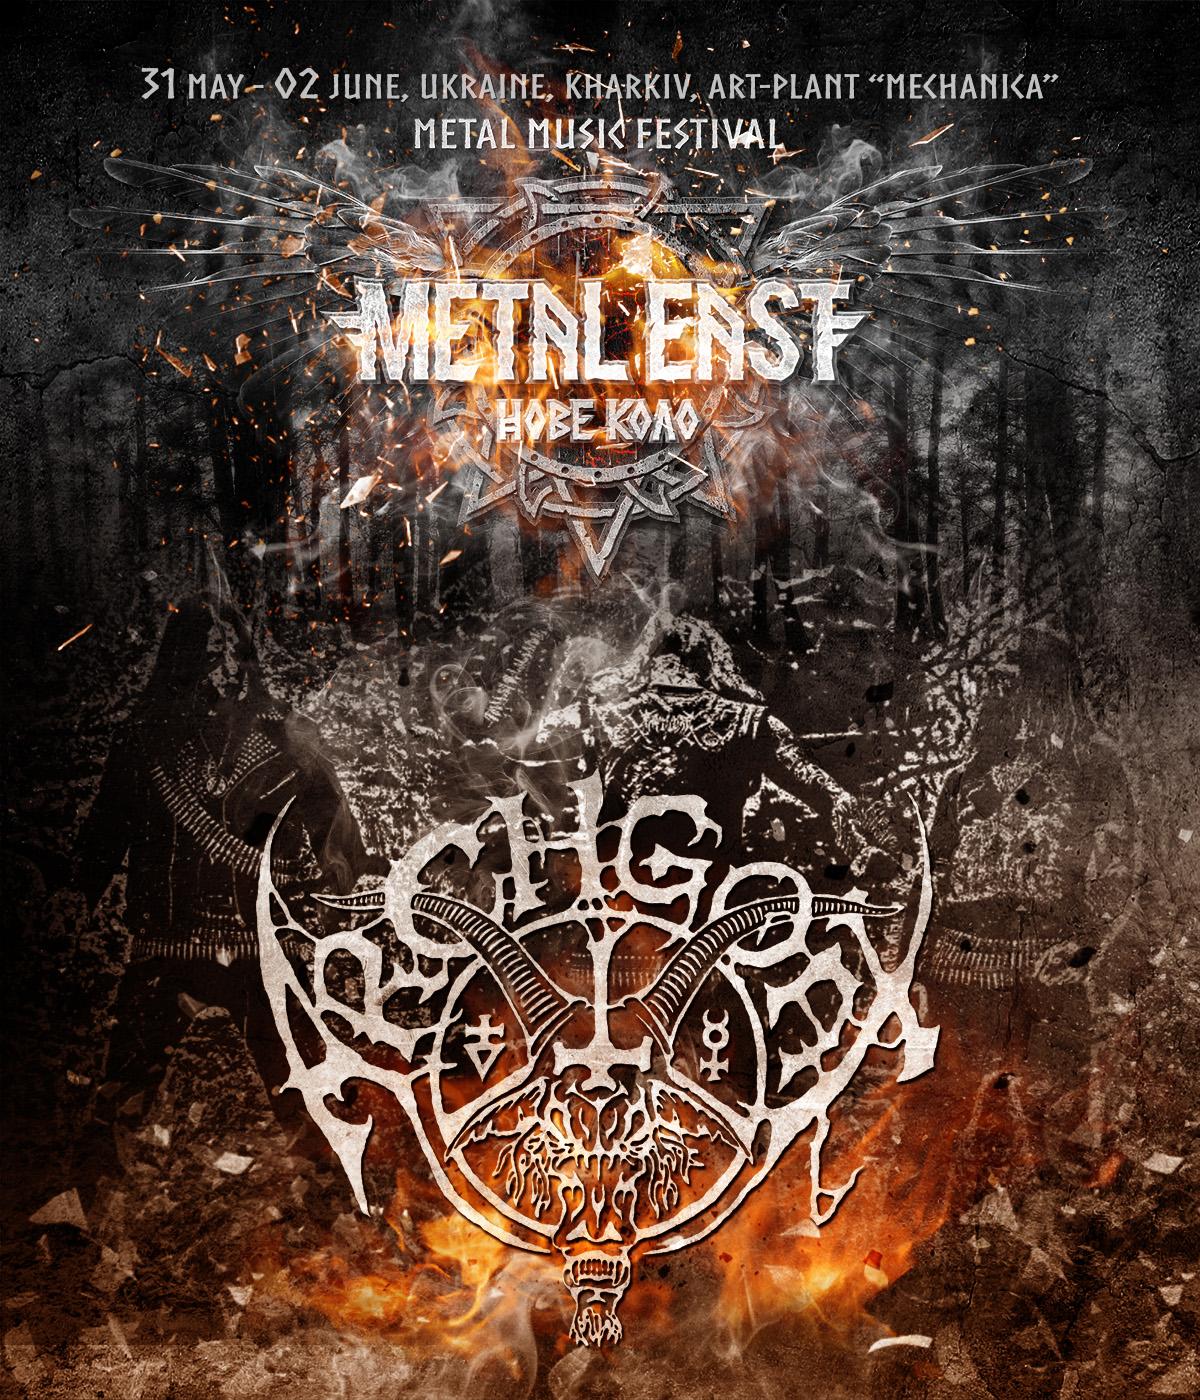 З 31 травня по 2 червня 2019 року ви зможете побачити концерт ARCHGOAT на сцені фестивалю Metal East Нове Коло в Харкові